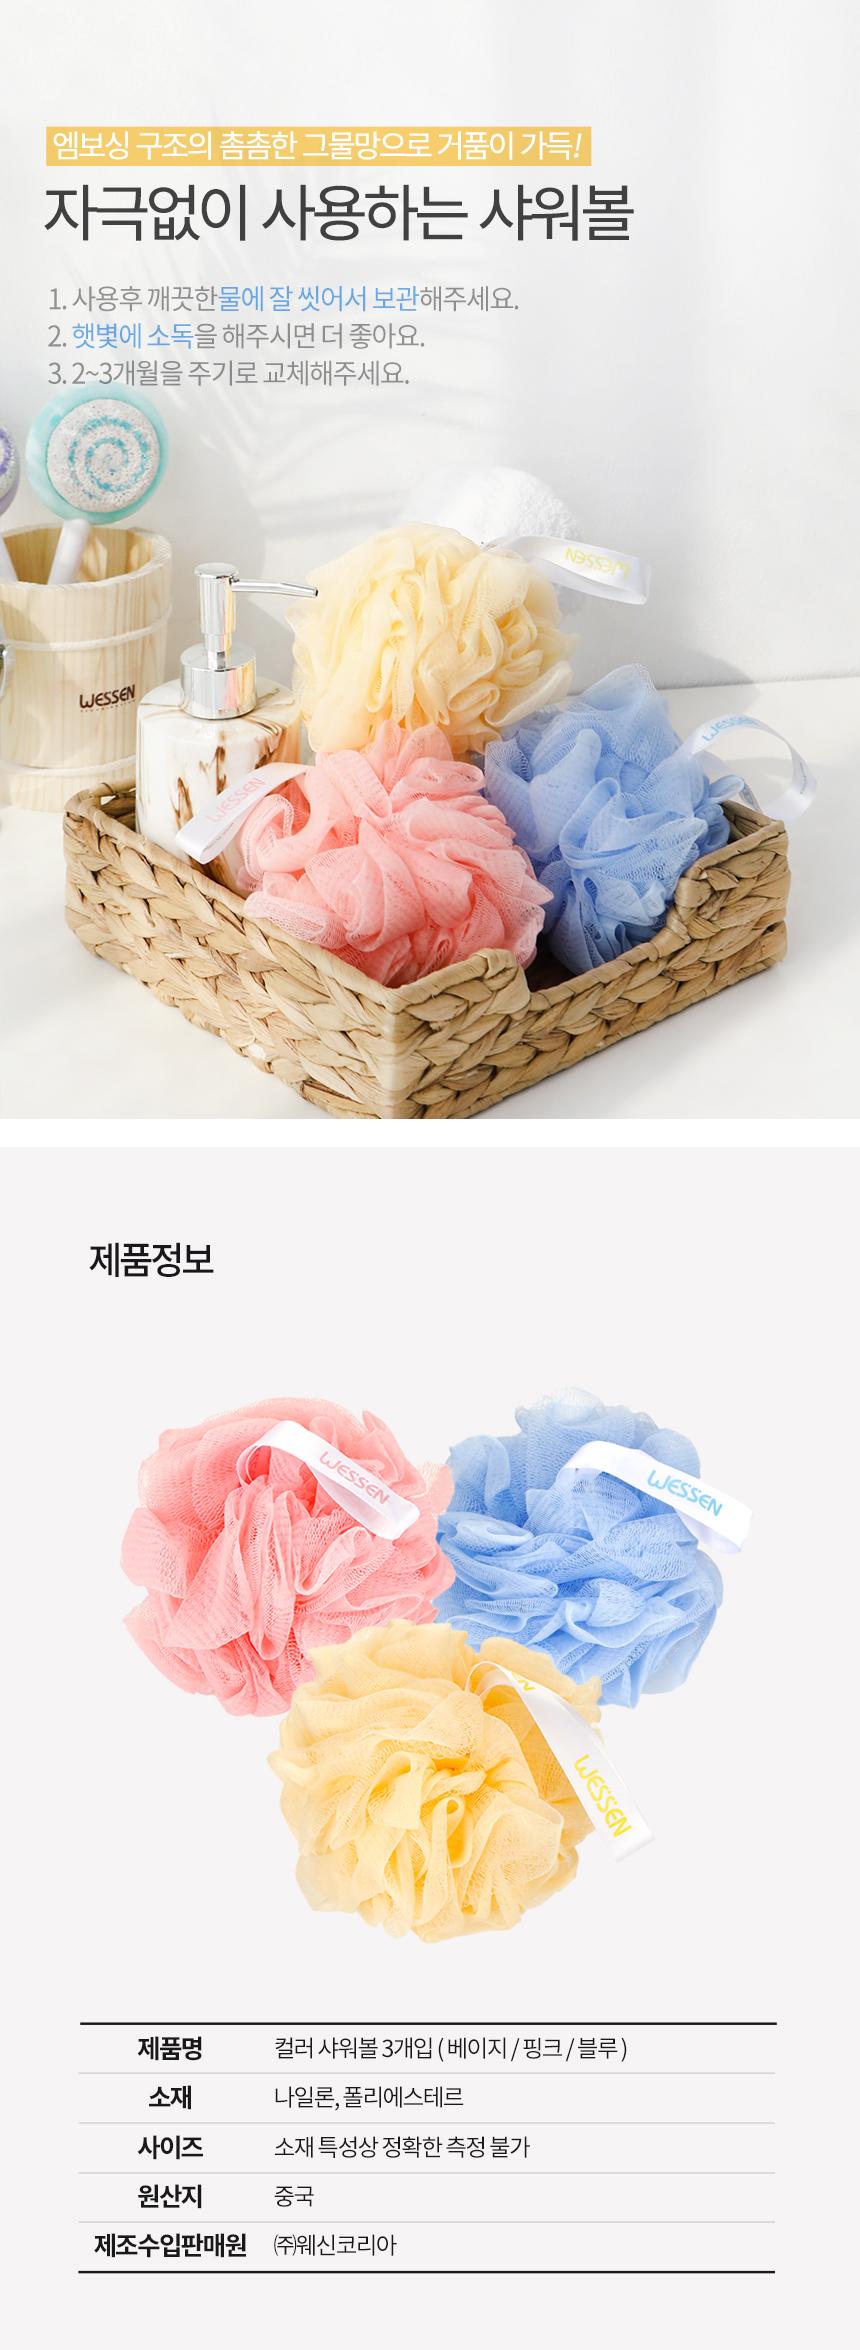 웨신 메쉬스펀지 3개입(3color) - 웨신, 7,500원, 세안/목욕, 샤워볼/때타올